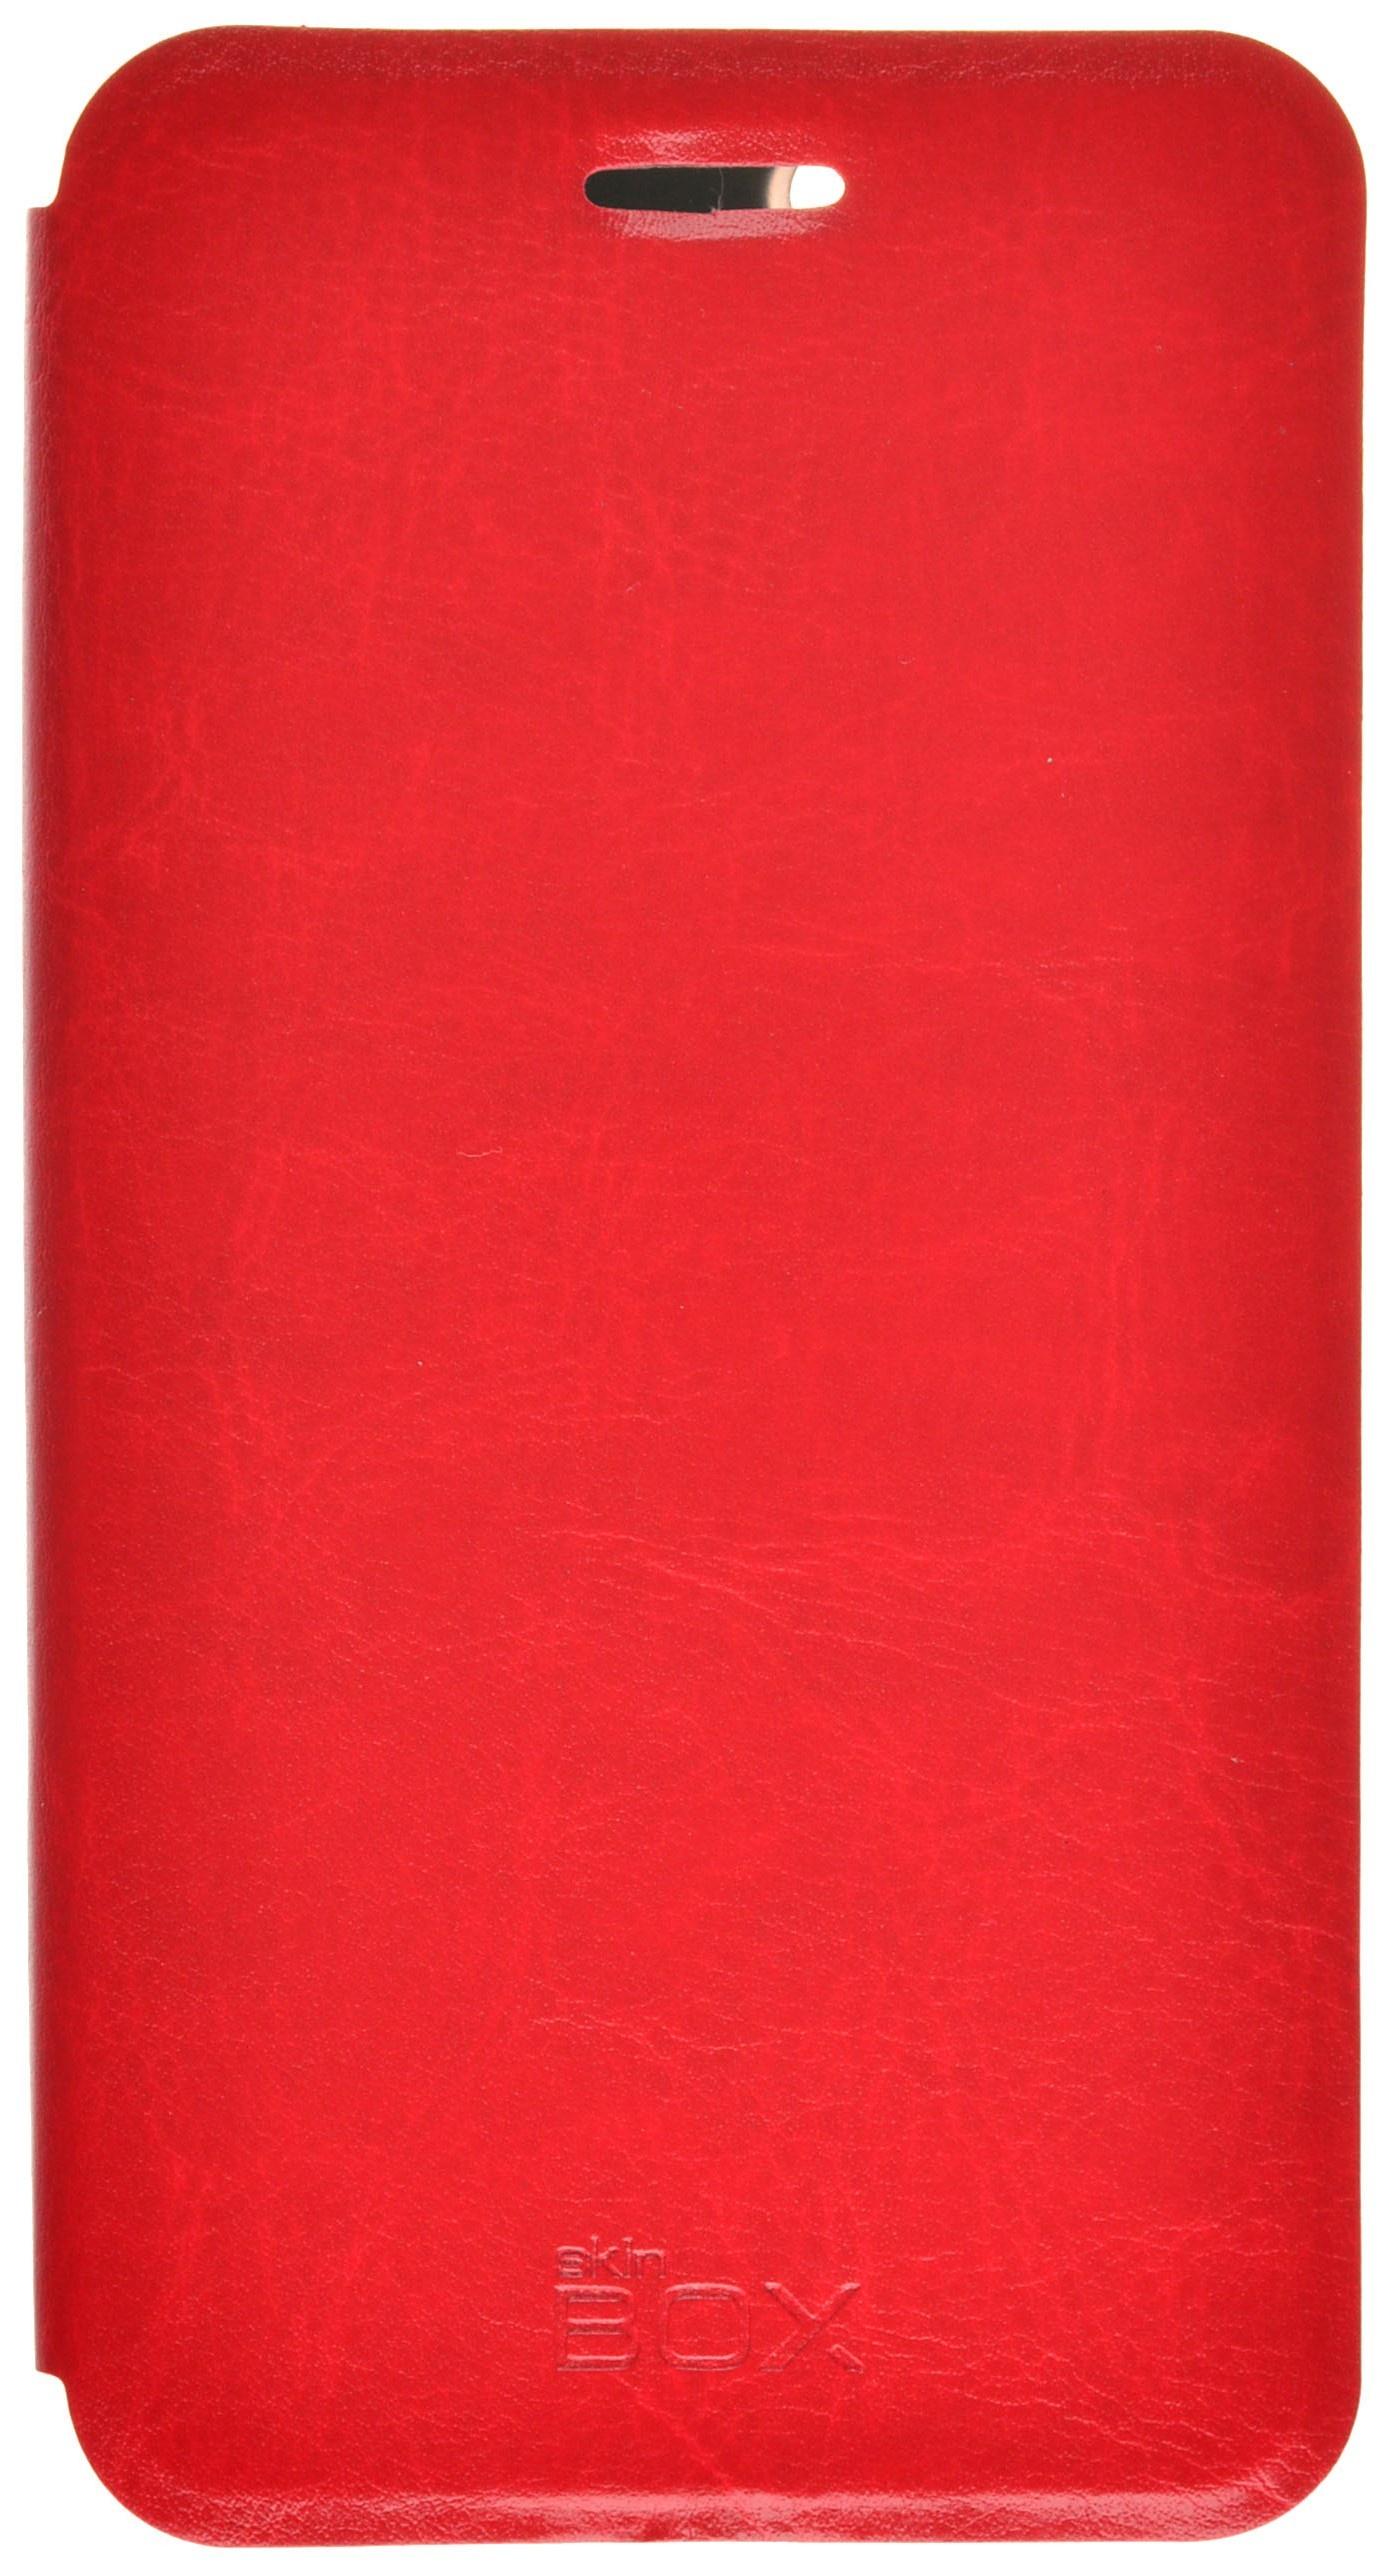 Чехол для сотового телефона skinBOX Lux, 4630042525375, красный чехол защитный skinbox samsung galaxy j7 prime galaxy on7 sm g600f